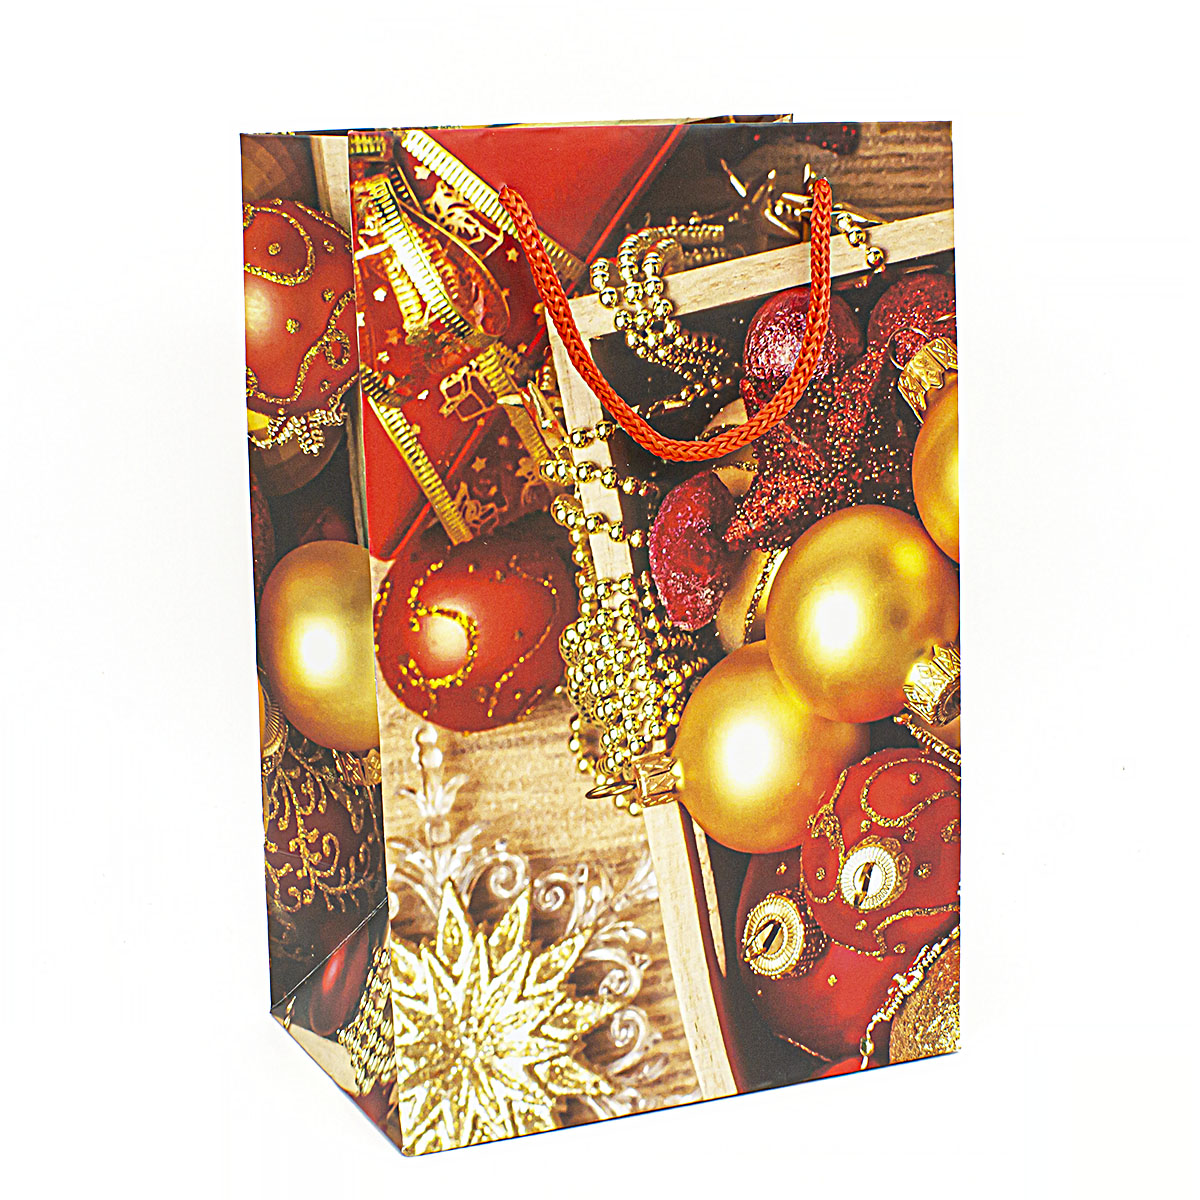 Пакет подарочный Новогодние игрушки, 23х15 см набор для вышивания крестом riolis новогодние игрушки снеговик и медведь 8 см х 13 см